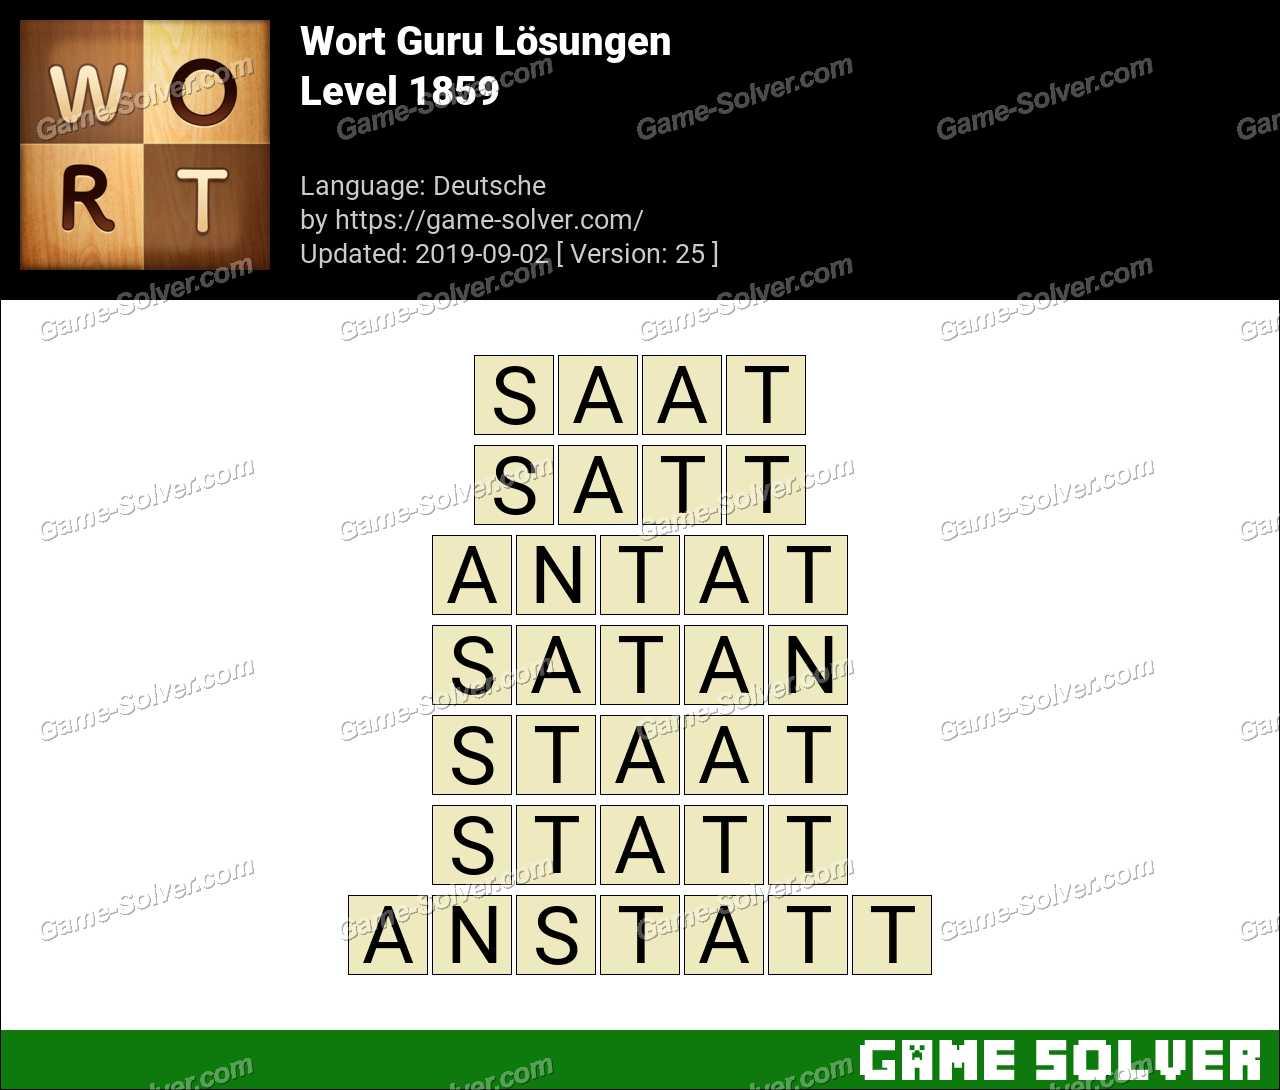 Wort Guru Level 1859 Lösungen